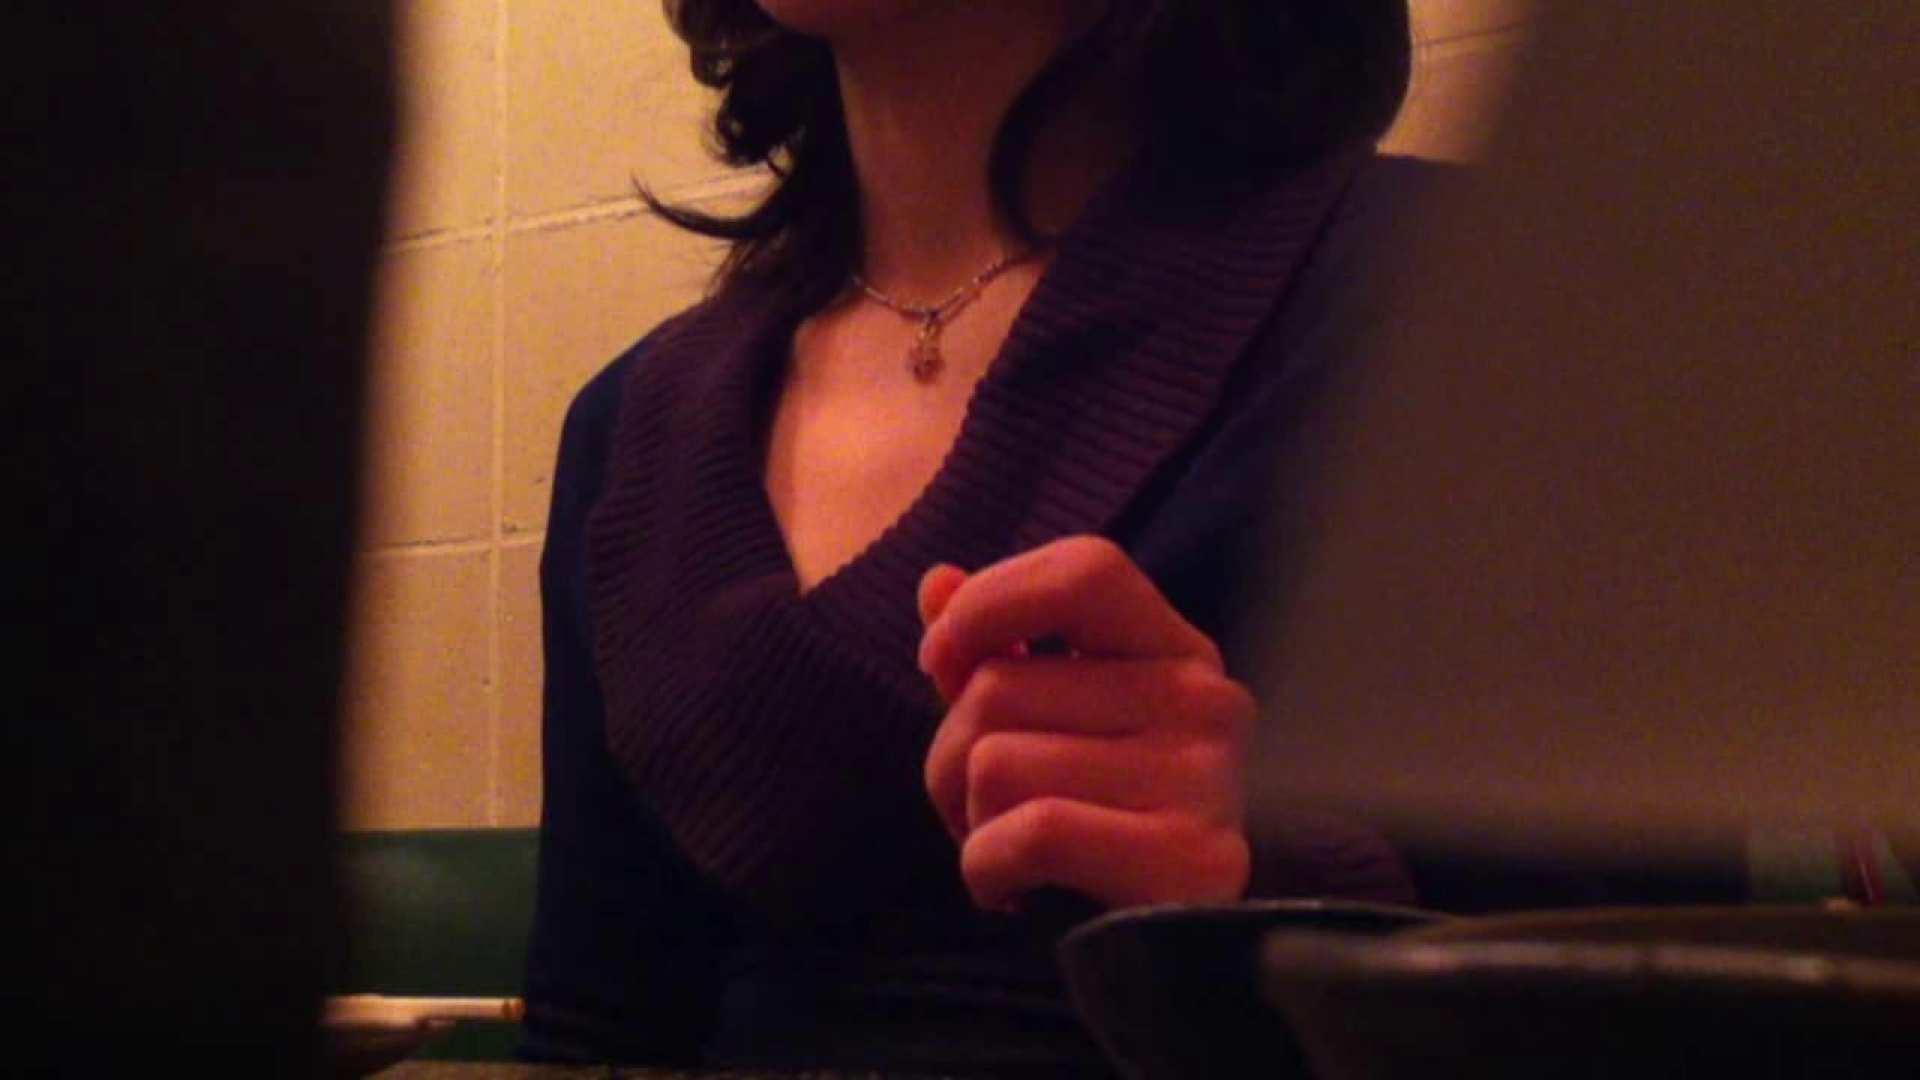 32才バツイチ子持ち現役看護婦じゅんこの変態願望Vol.1 熟女 ヌード画像 76画像 5